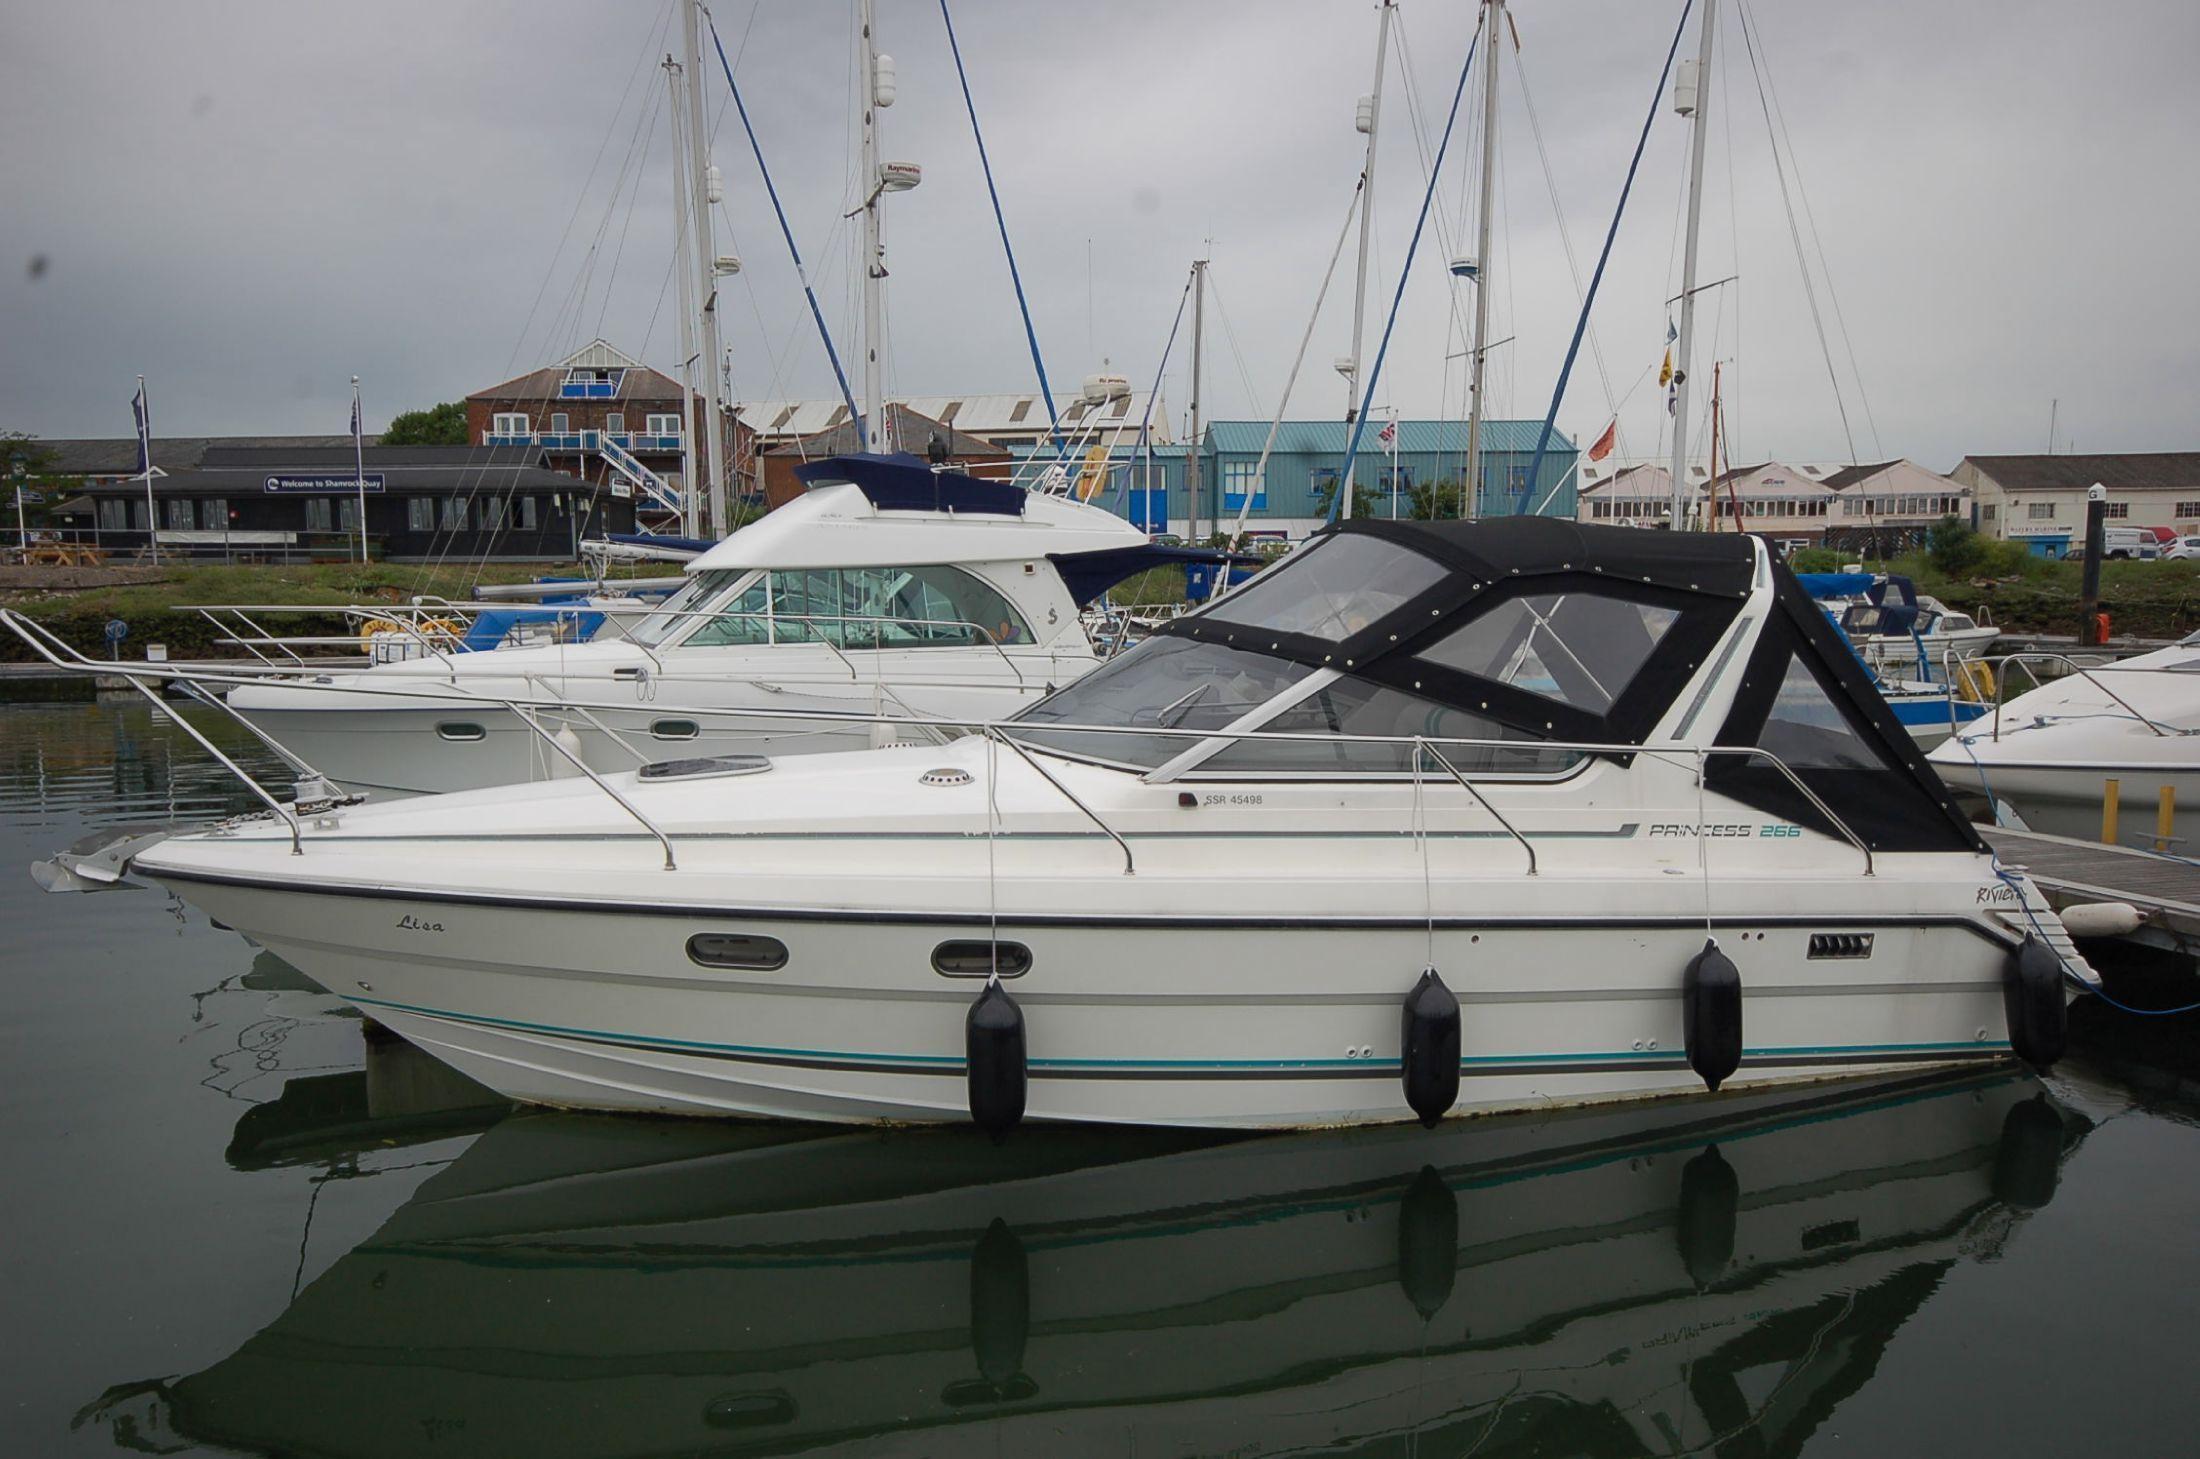 Princess 266 Riviera Brick7 Boats